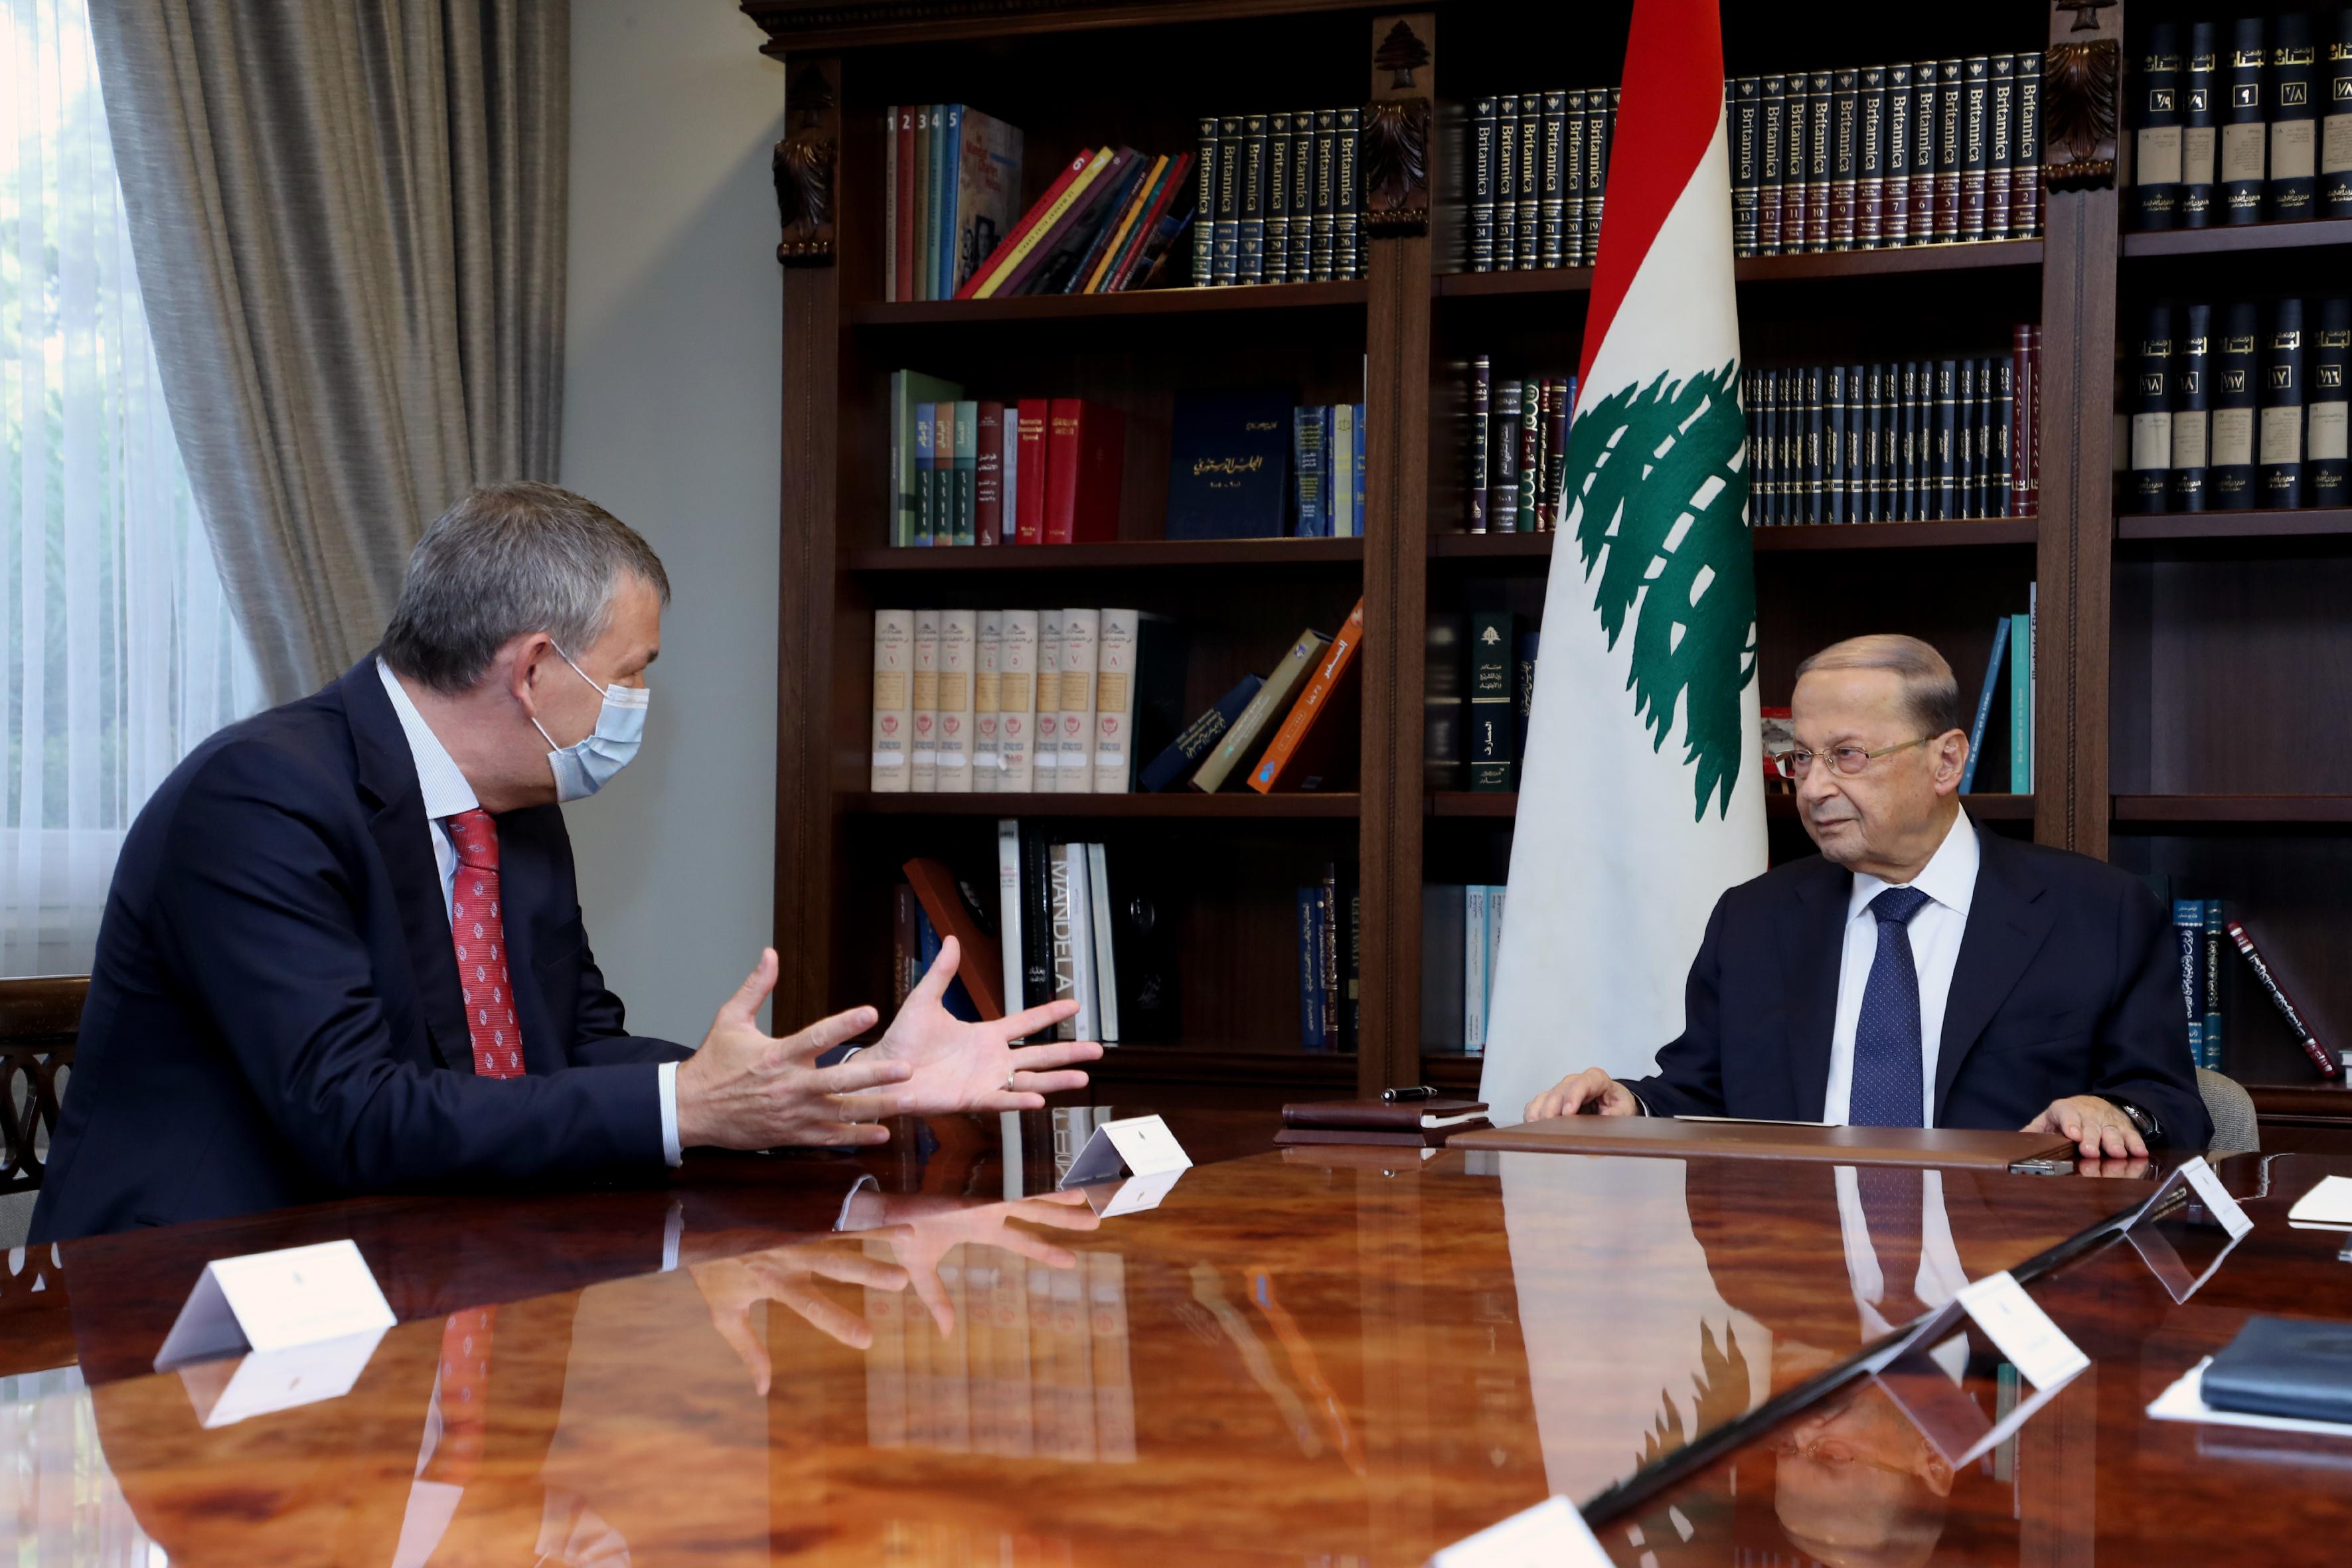 2 - UN Deputy Special Coordinator for Lebanon, Mr. Philippe Lazarini 1